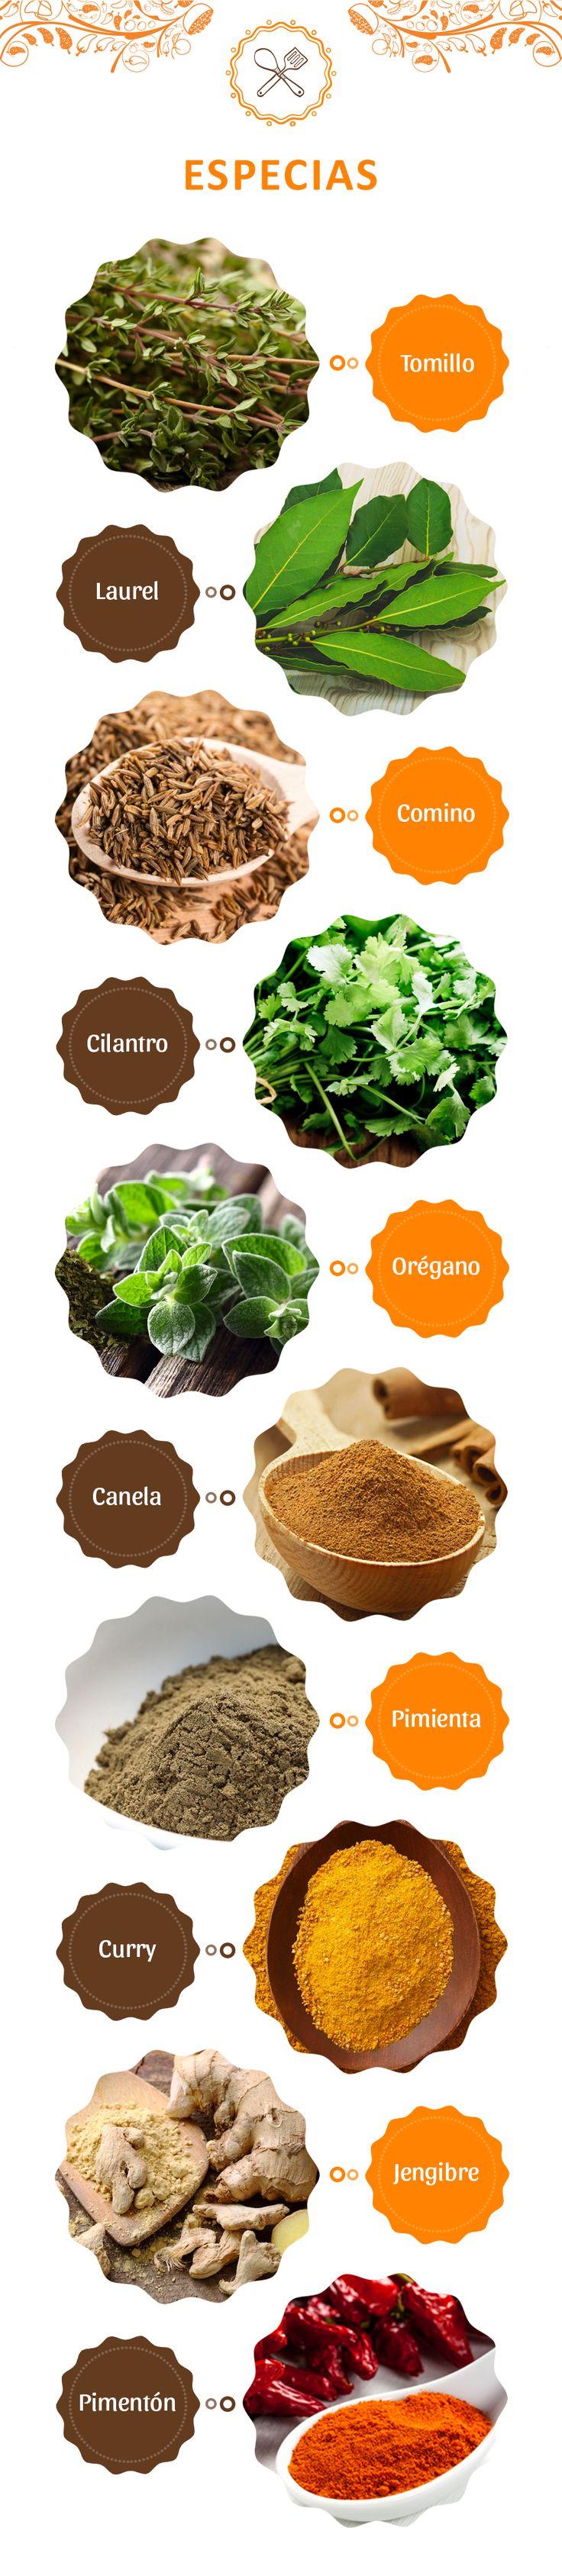 #TipLa Morena ¿No sabes cómo darle aroma a tu comida? Opta por especias. Te compartimos las más útiles.